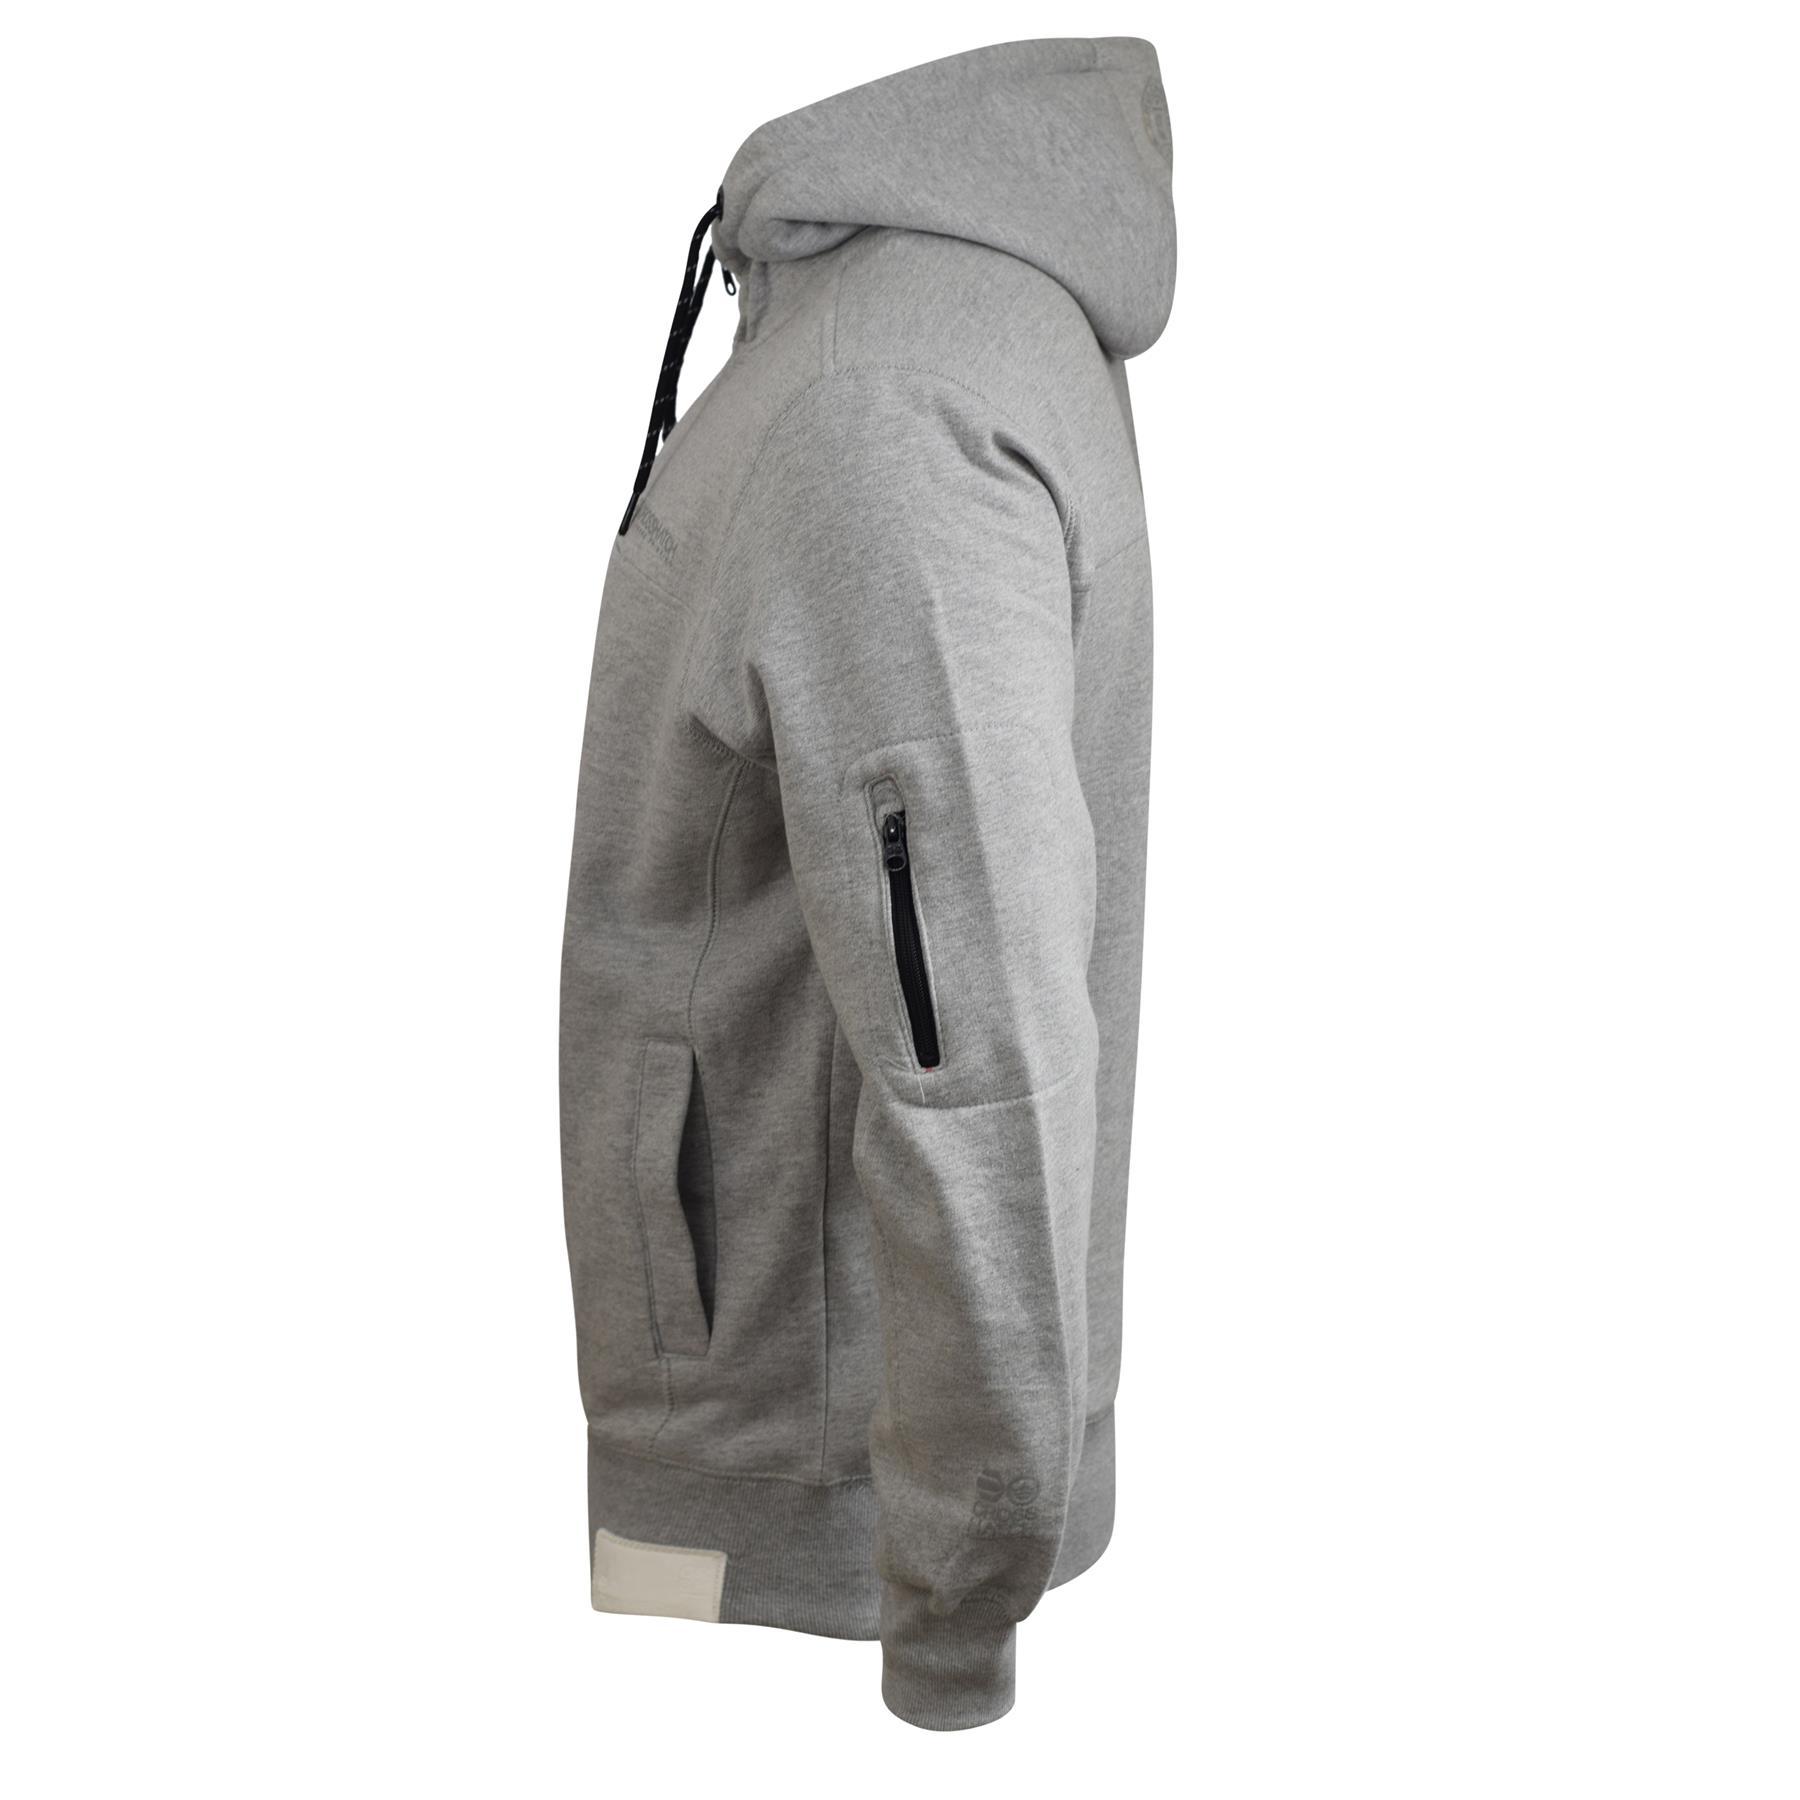 Mens-Hoodie-Crosshatch-Cravy-Sweatshirt-Hooded-Top thumbnail 6